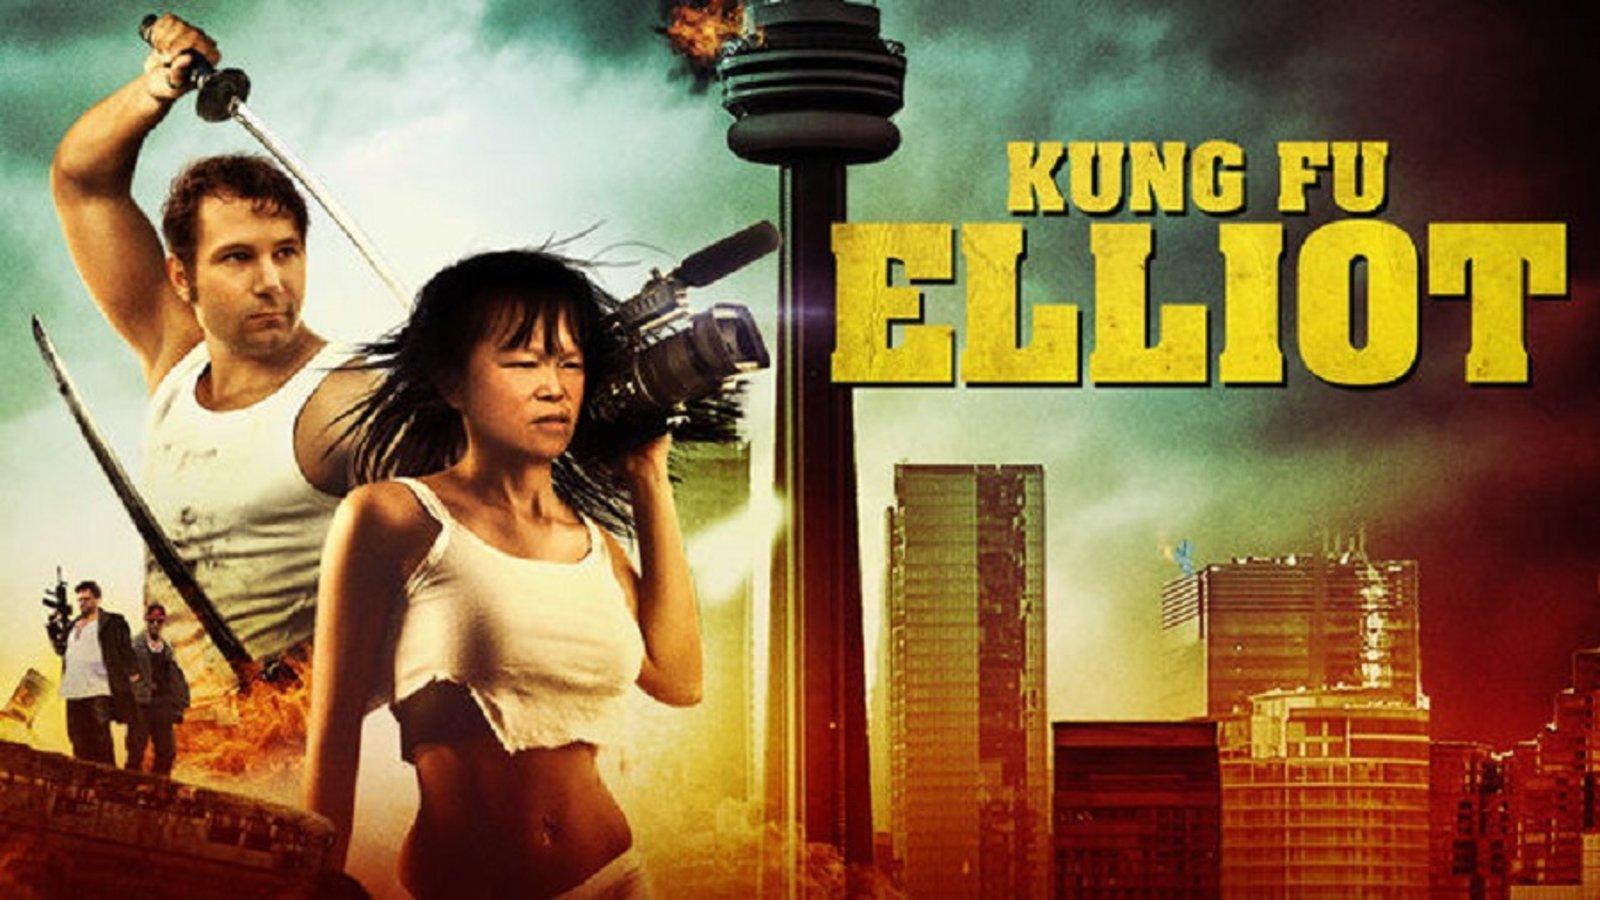 Kung Fu Elliot - An Amateur Filmmaker's Quest for Action Hero Fame